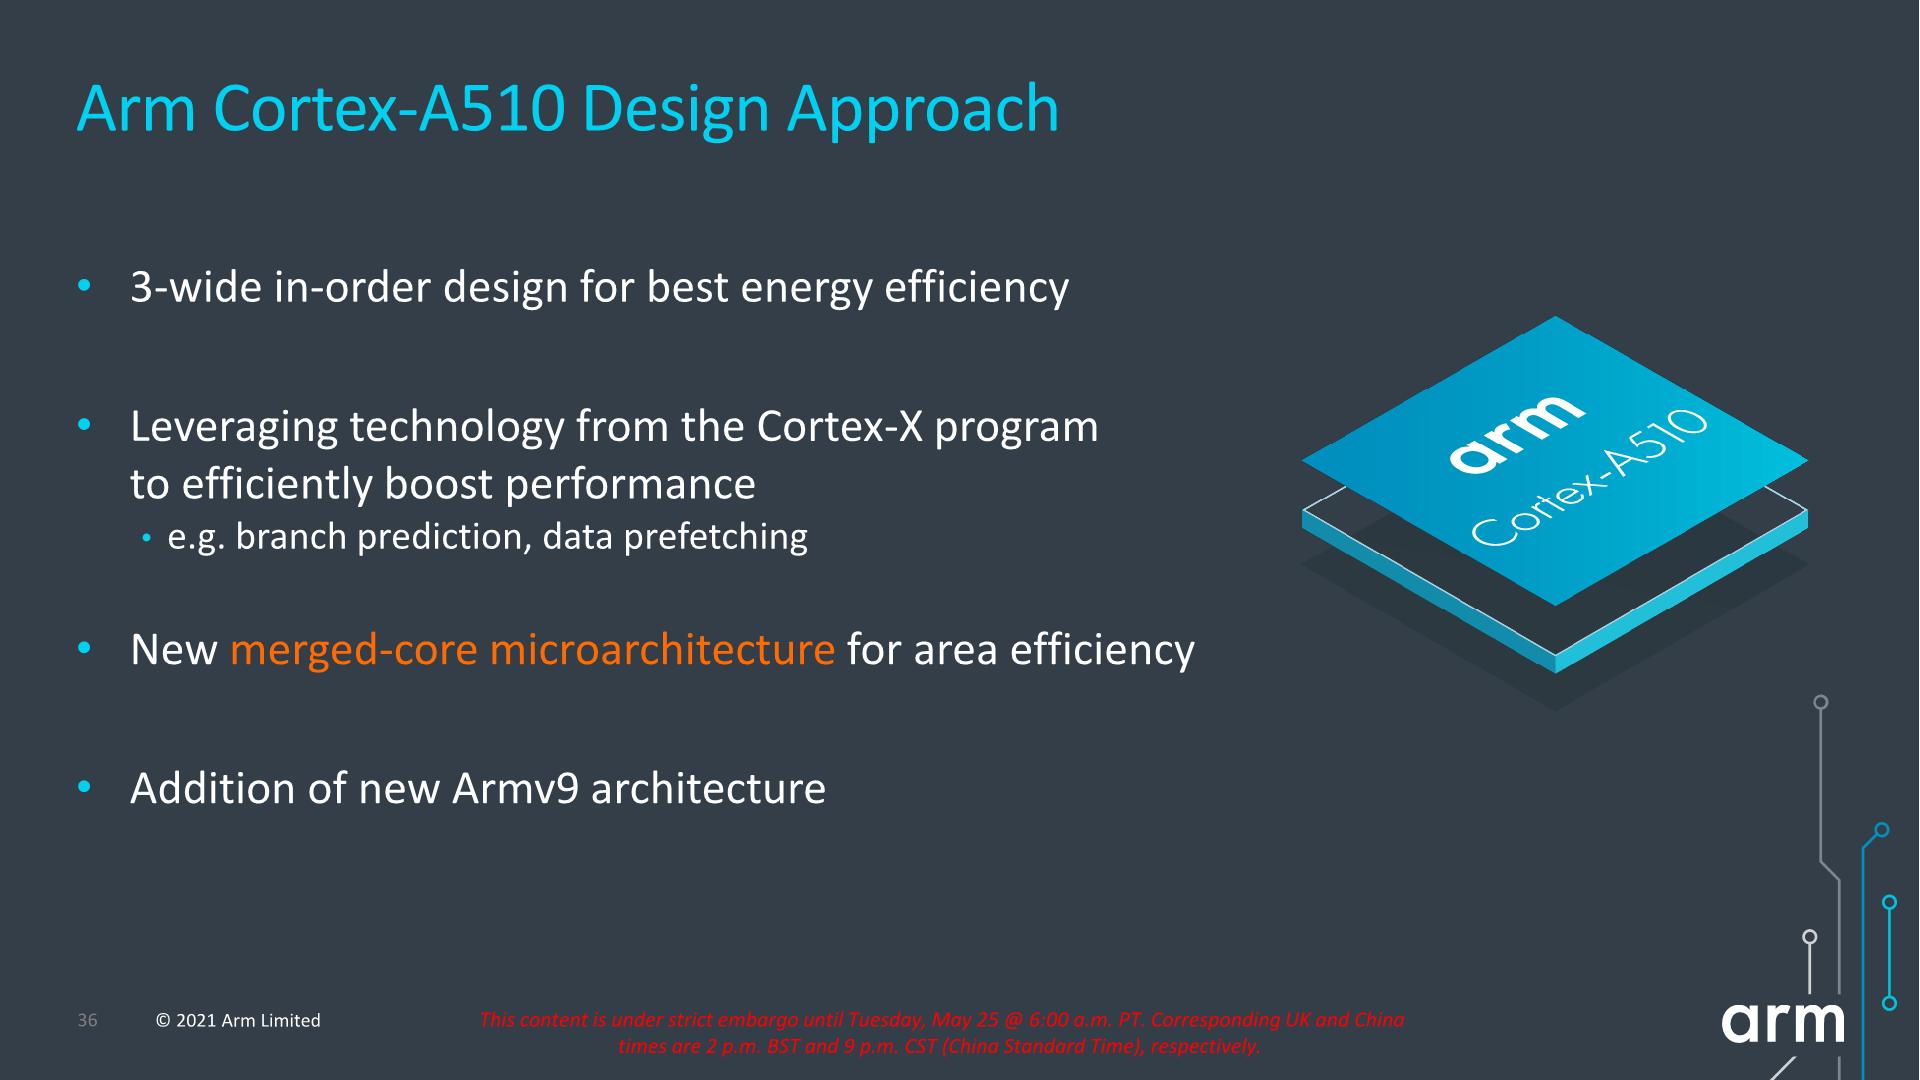 ARM Cortex-A510